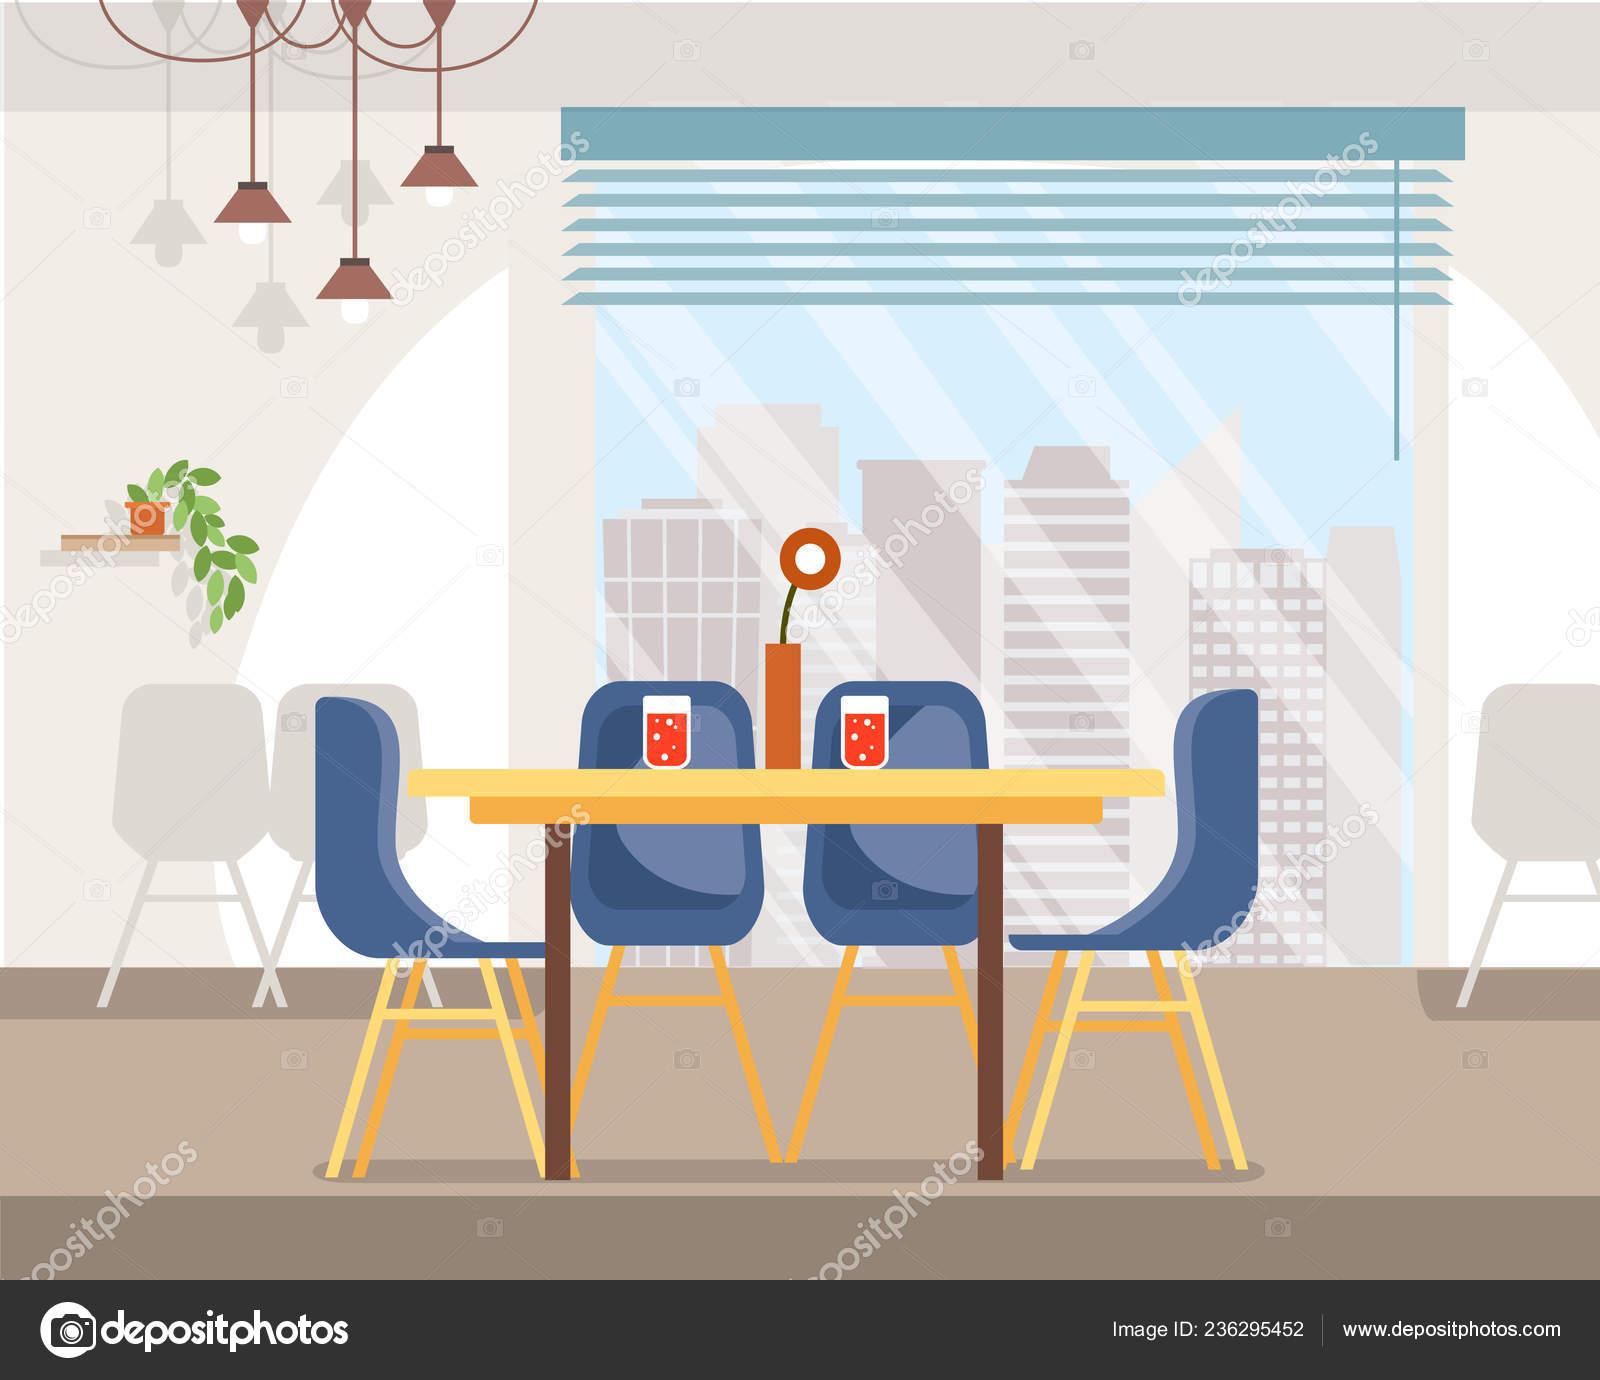 06c69e5e1702 Cafe espacioso Interior plano Vector con sillas, florero y roja bebida  carbonatada en copas sobre la mesa, colgantes, gran ventana con paisaje de  la ciudad ...